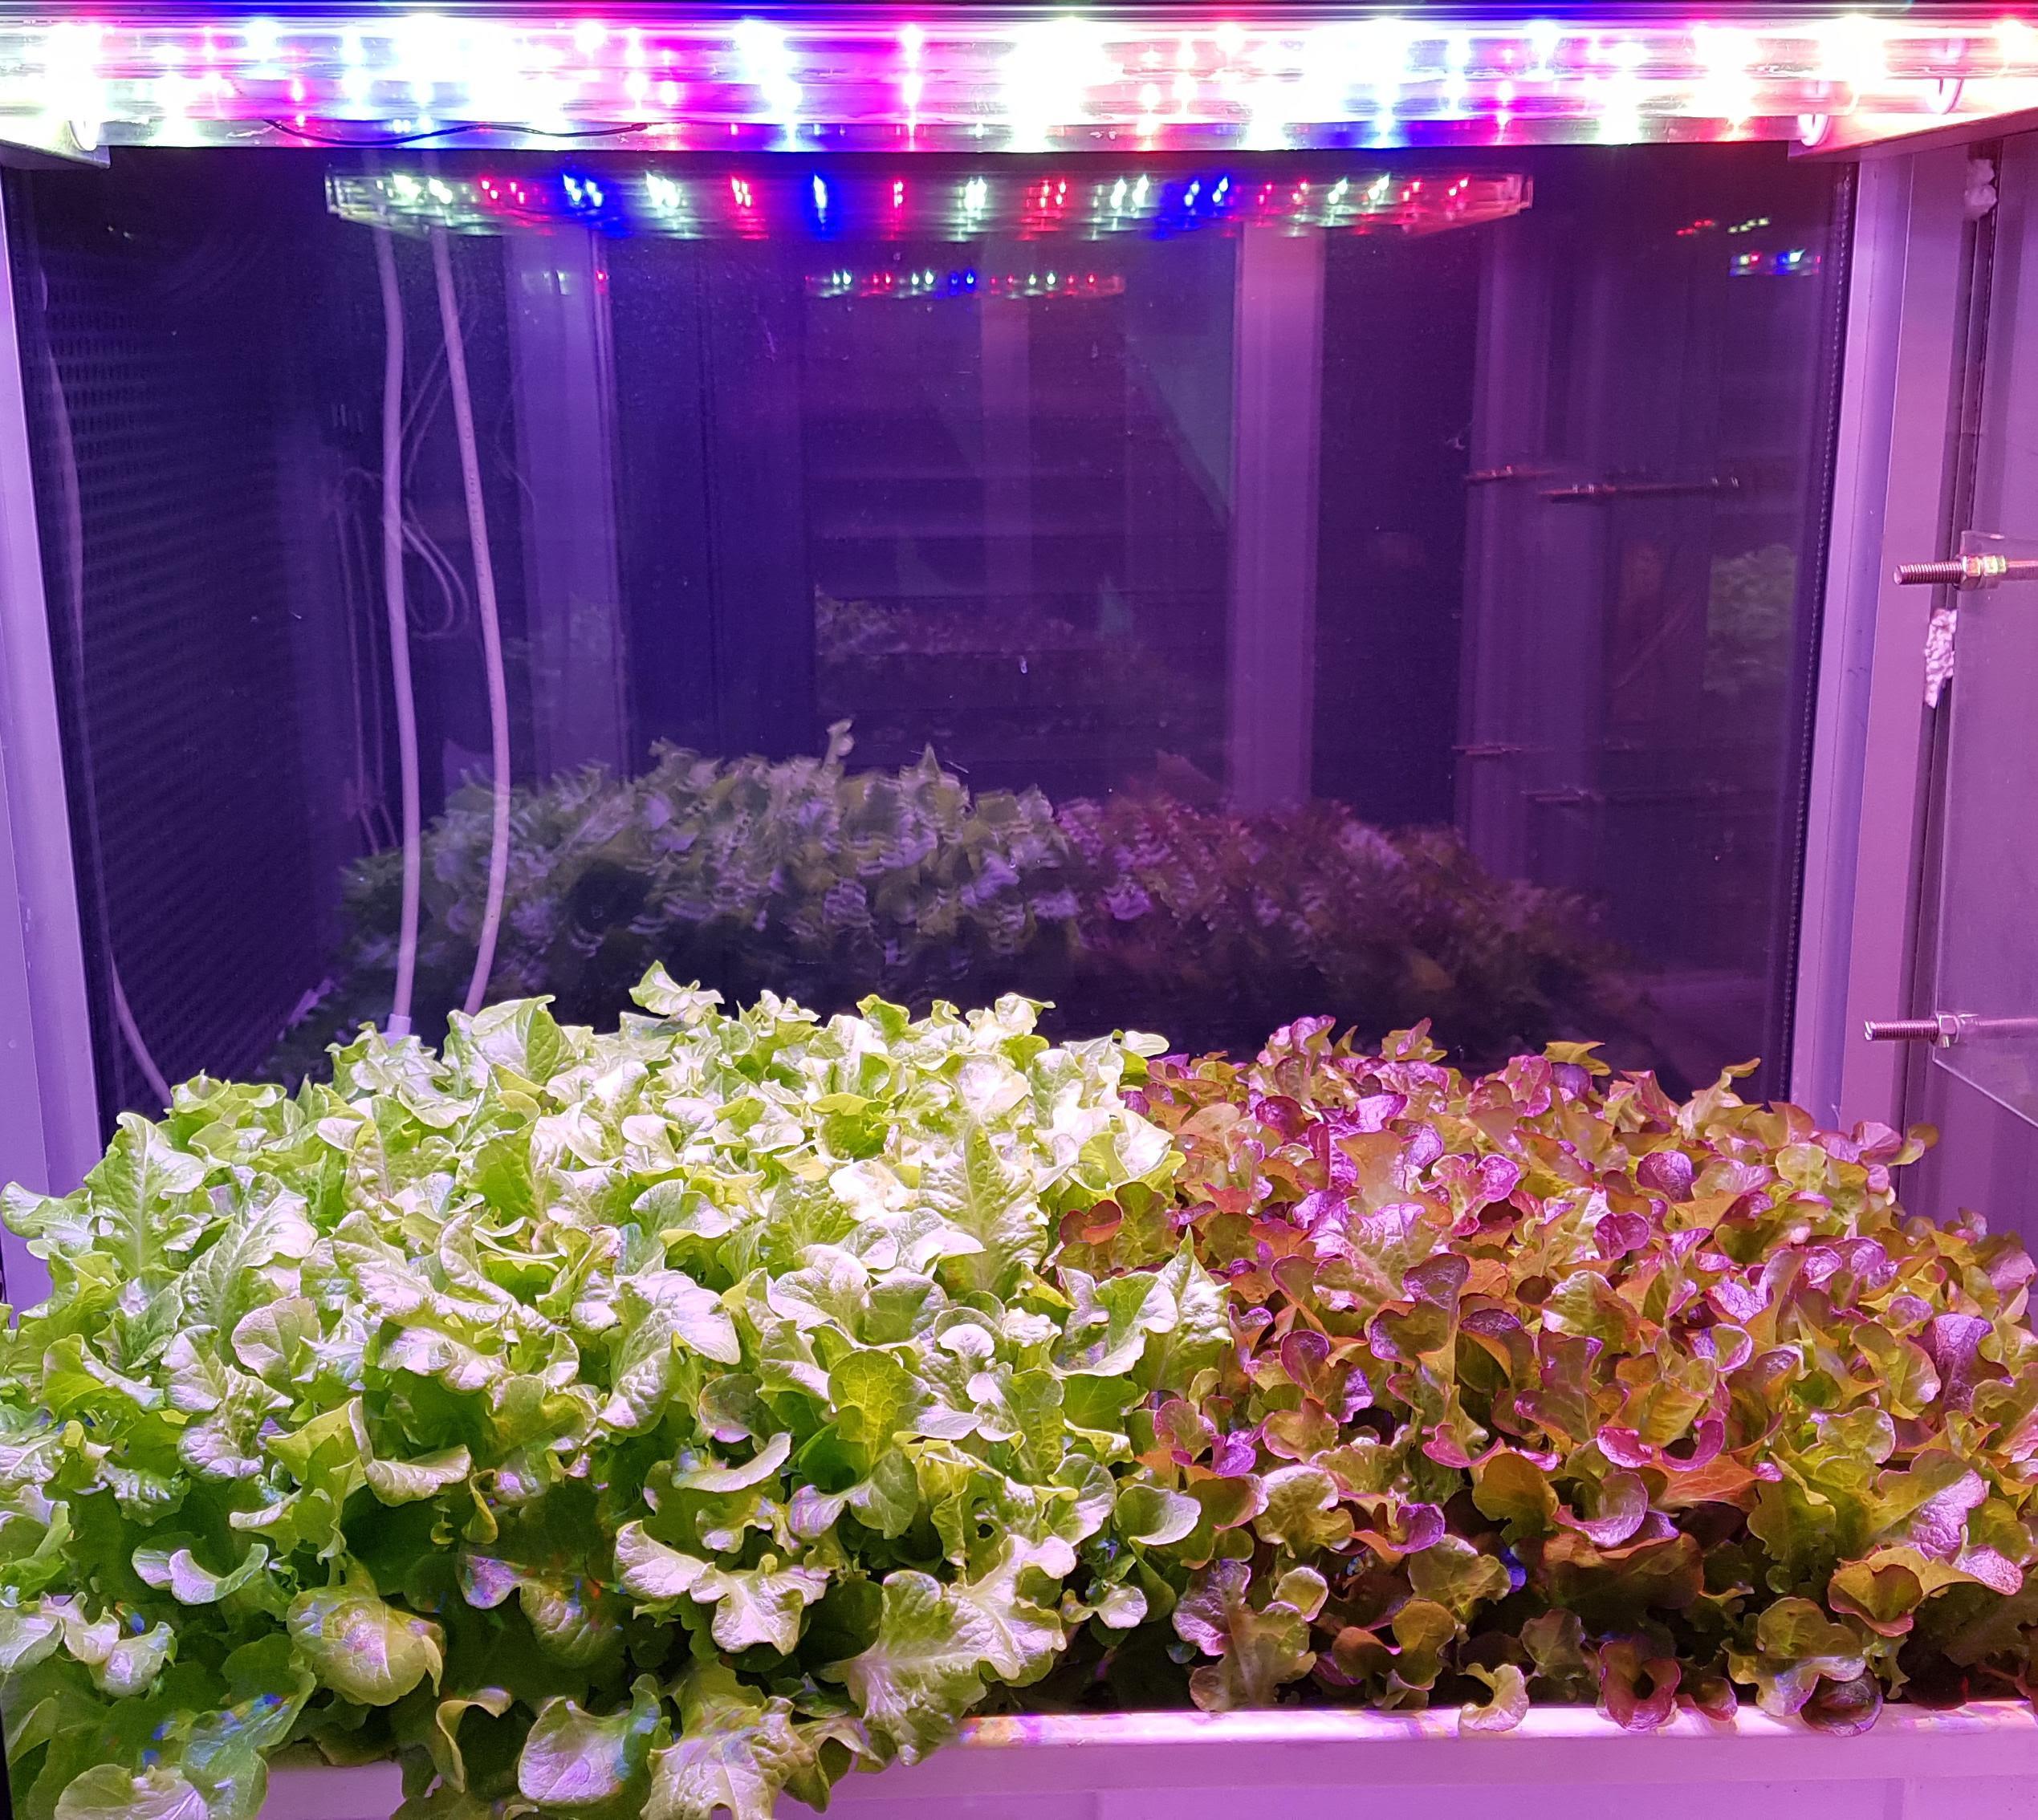 Illuminazione a led e radiazioni UV al servizio dell'agricoltura